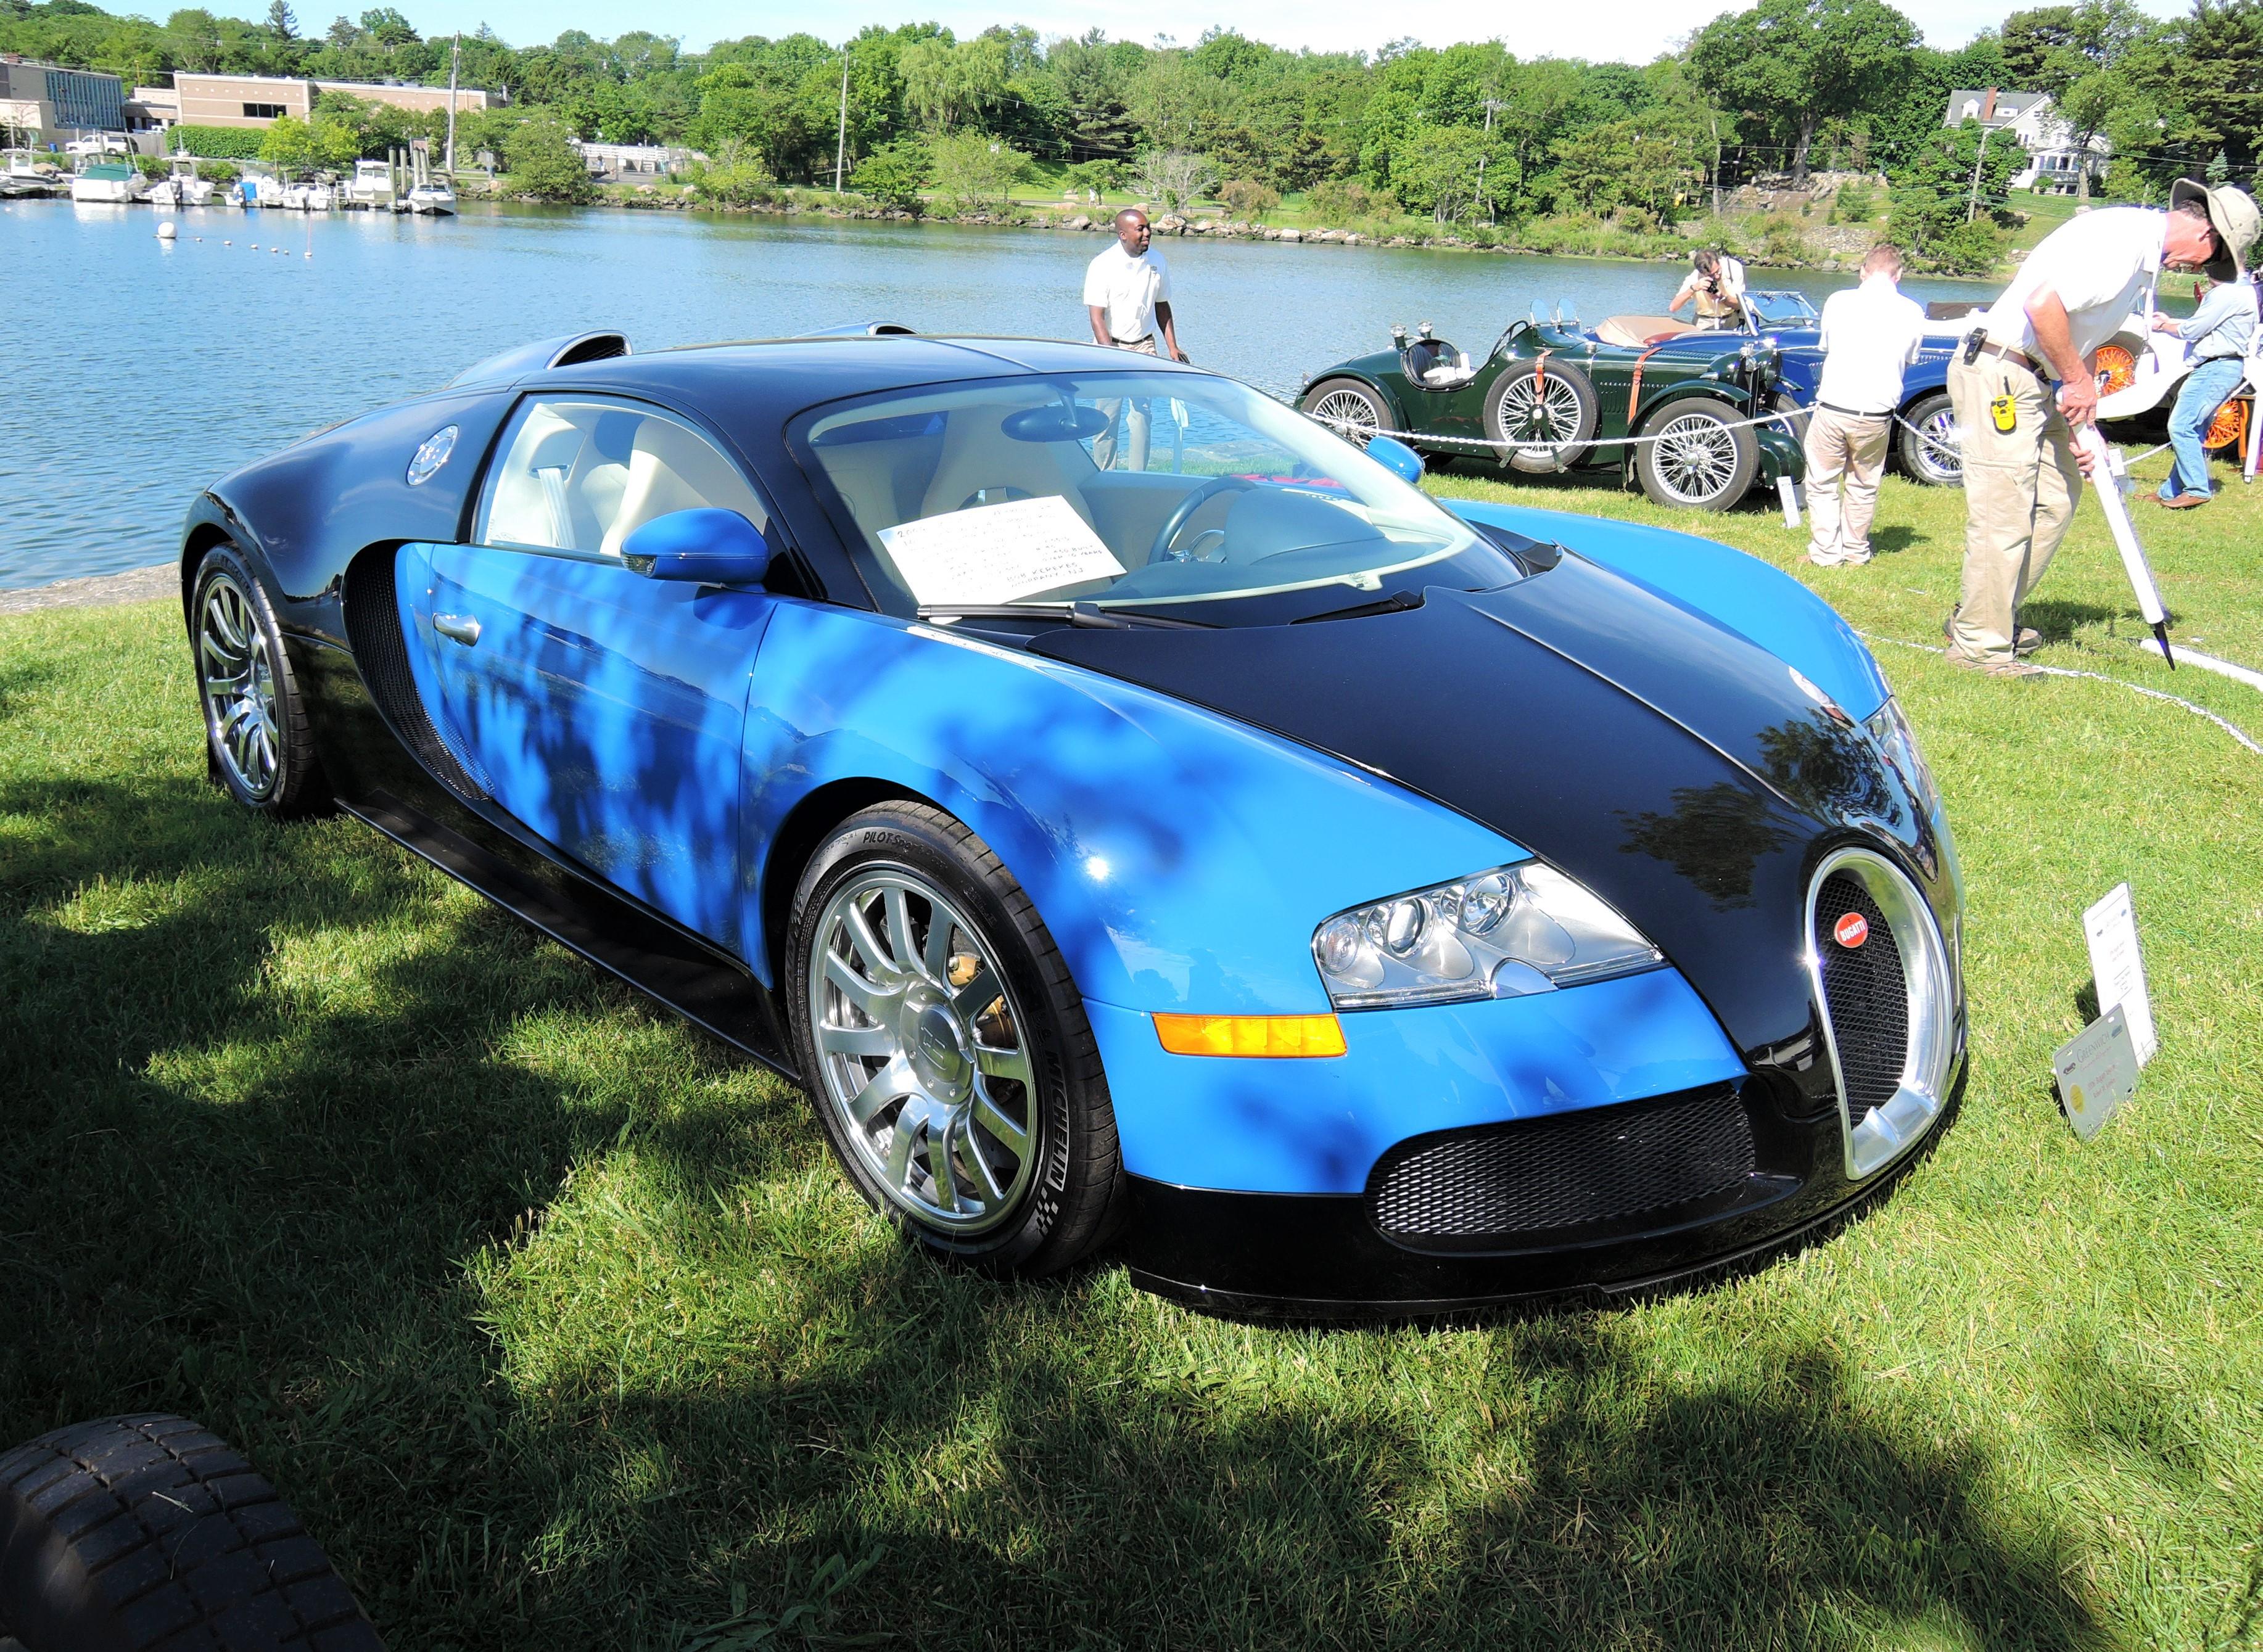 blue/blue 2006 Bugatti Veyron - Greenwich Concours d'Elegance 2017